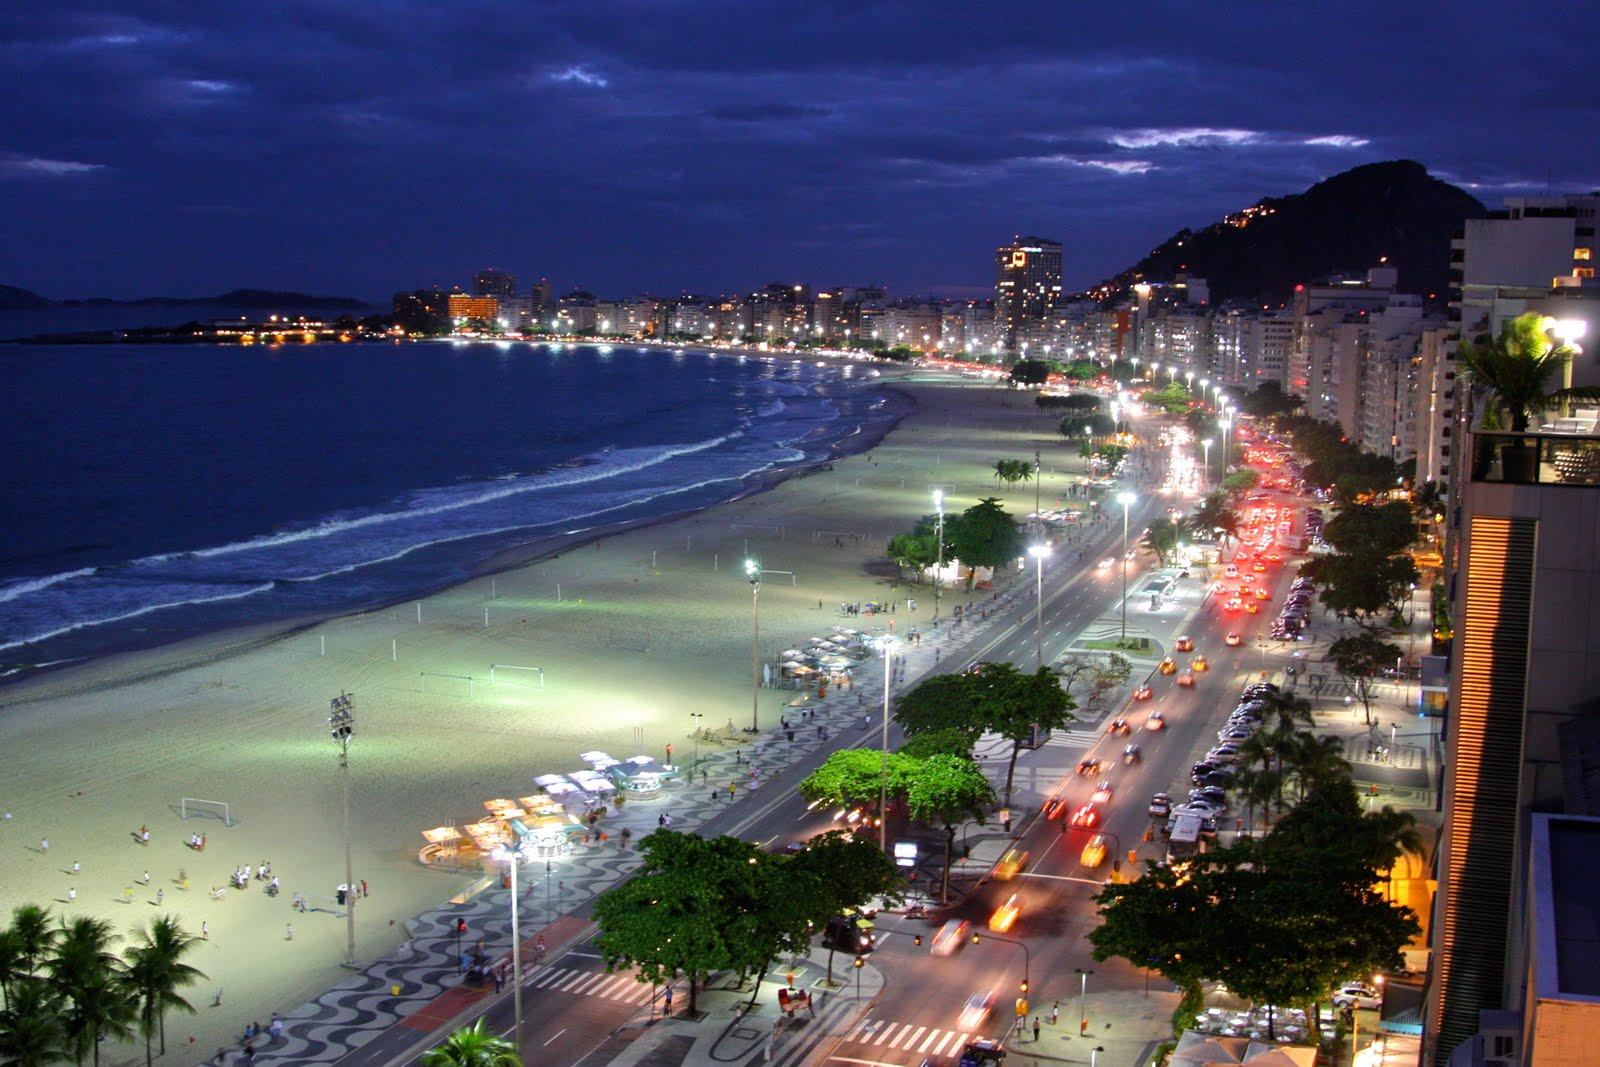 Ночной пляж Копакабана в Рио де Жанейро